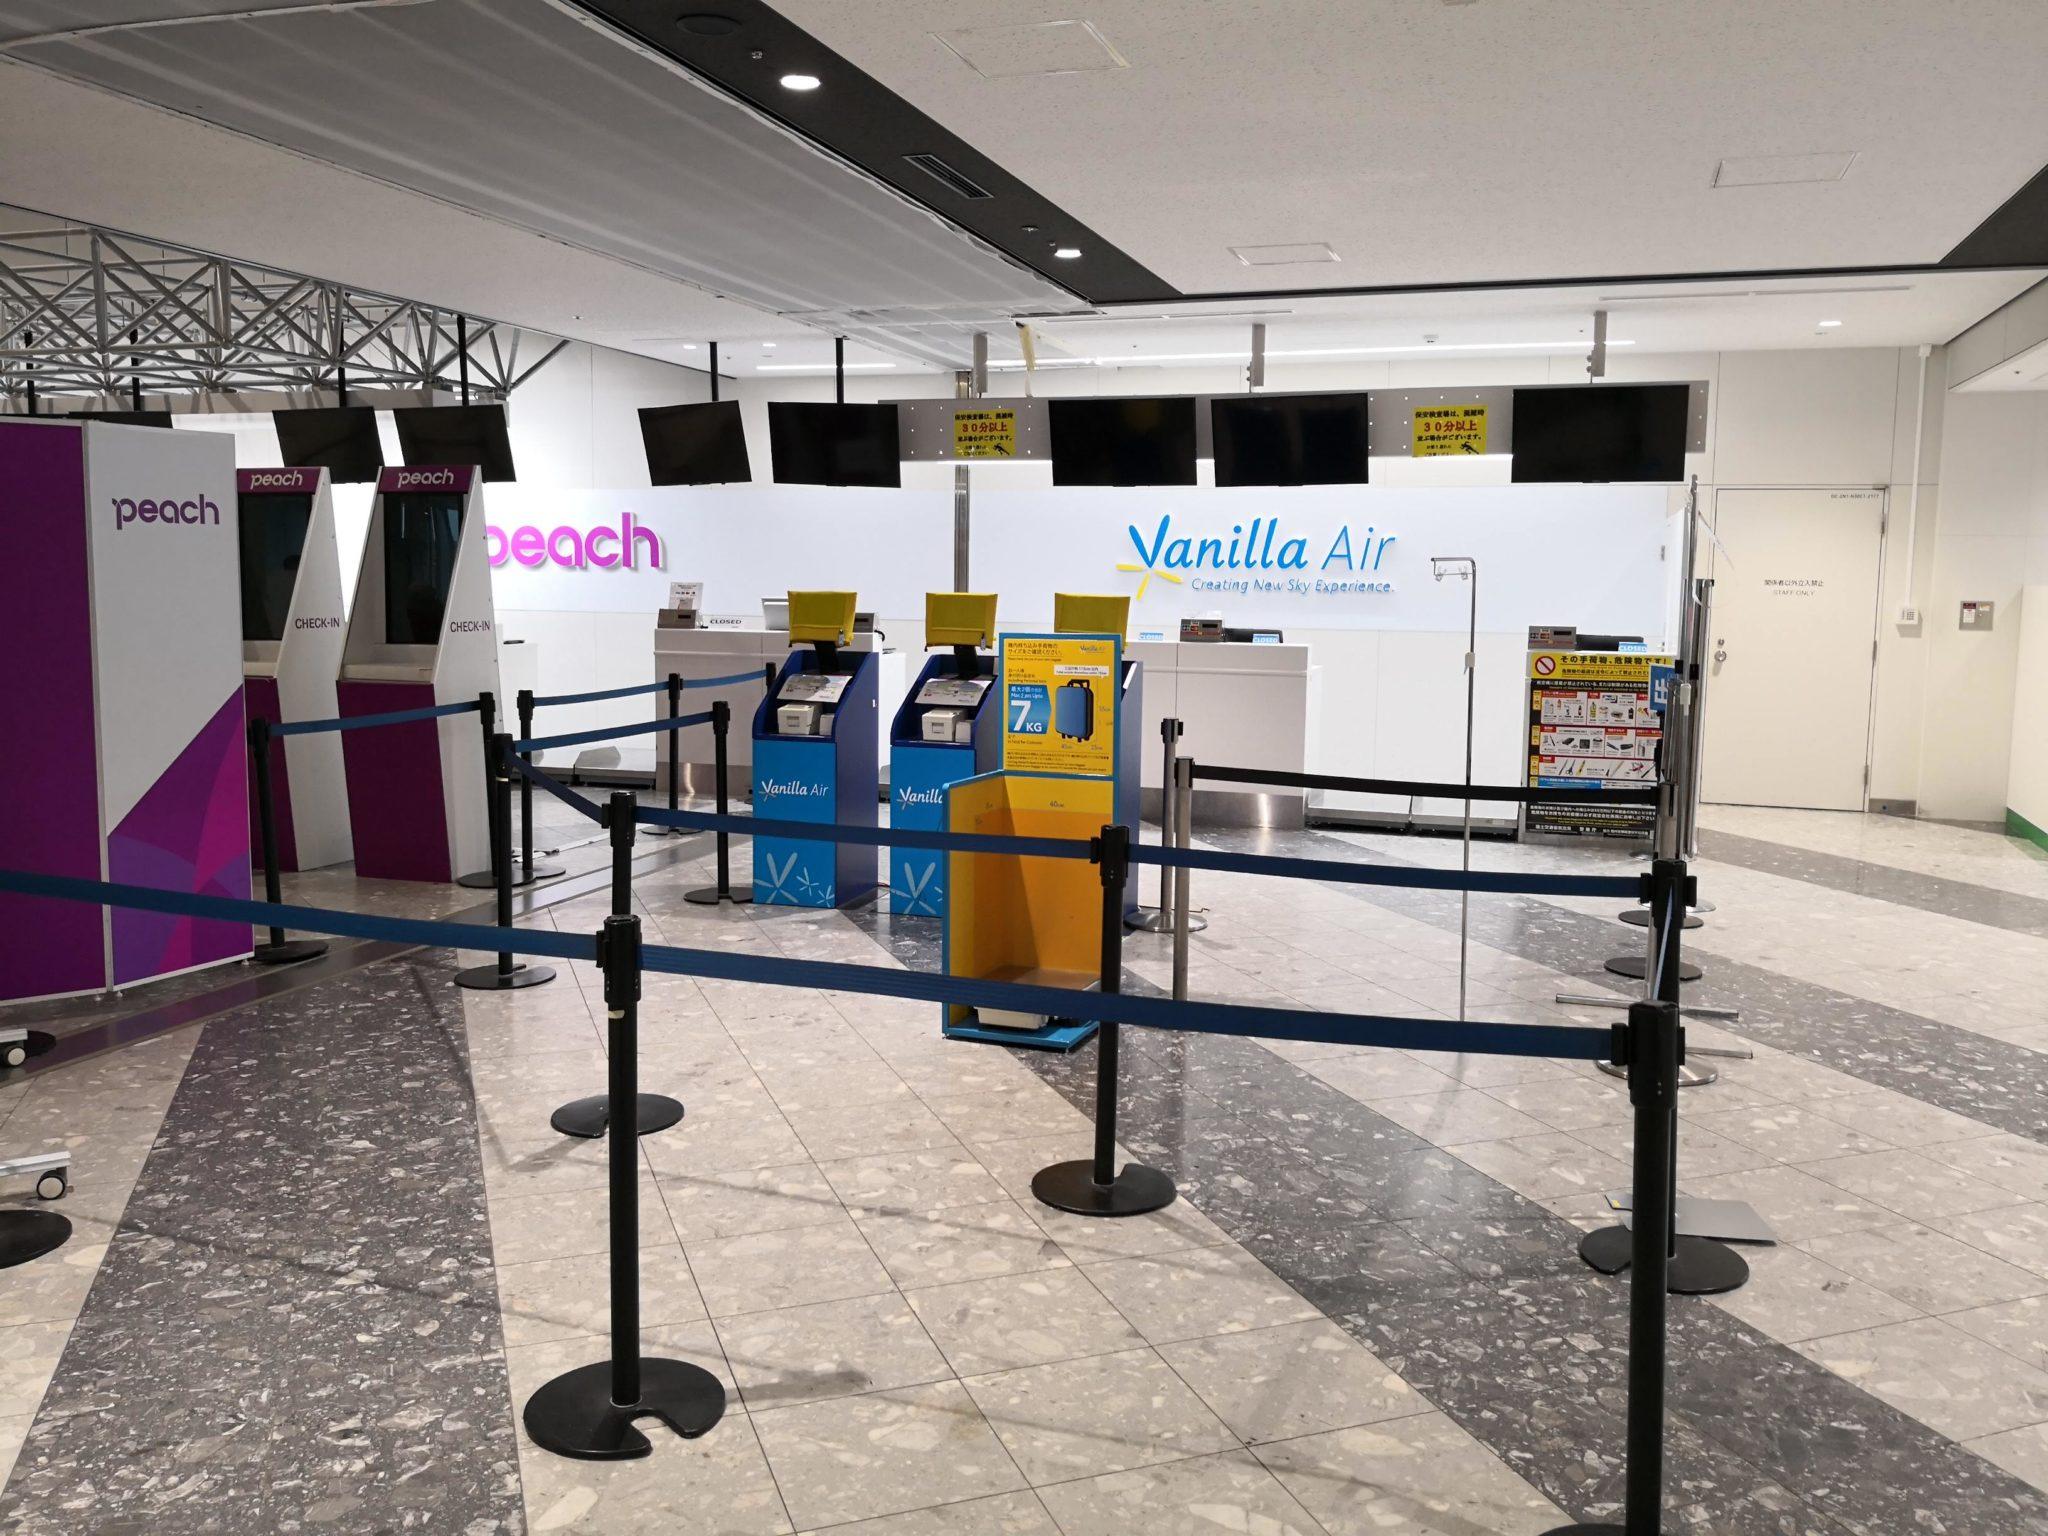 新千歳空港でバニラエアの飛行機に乗る方法【国内線】